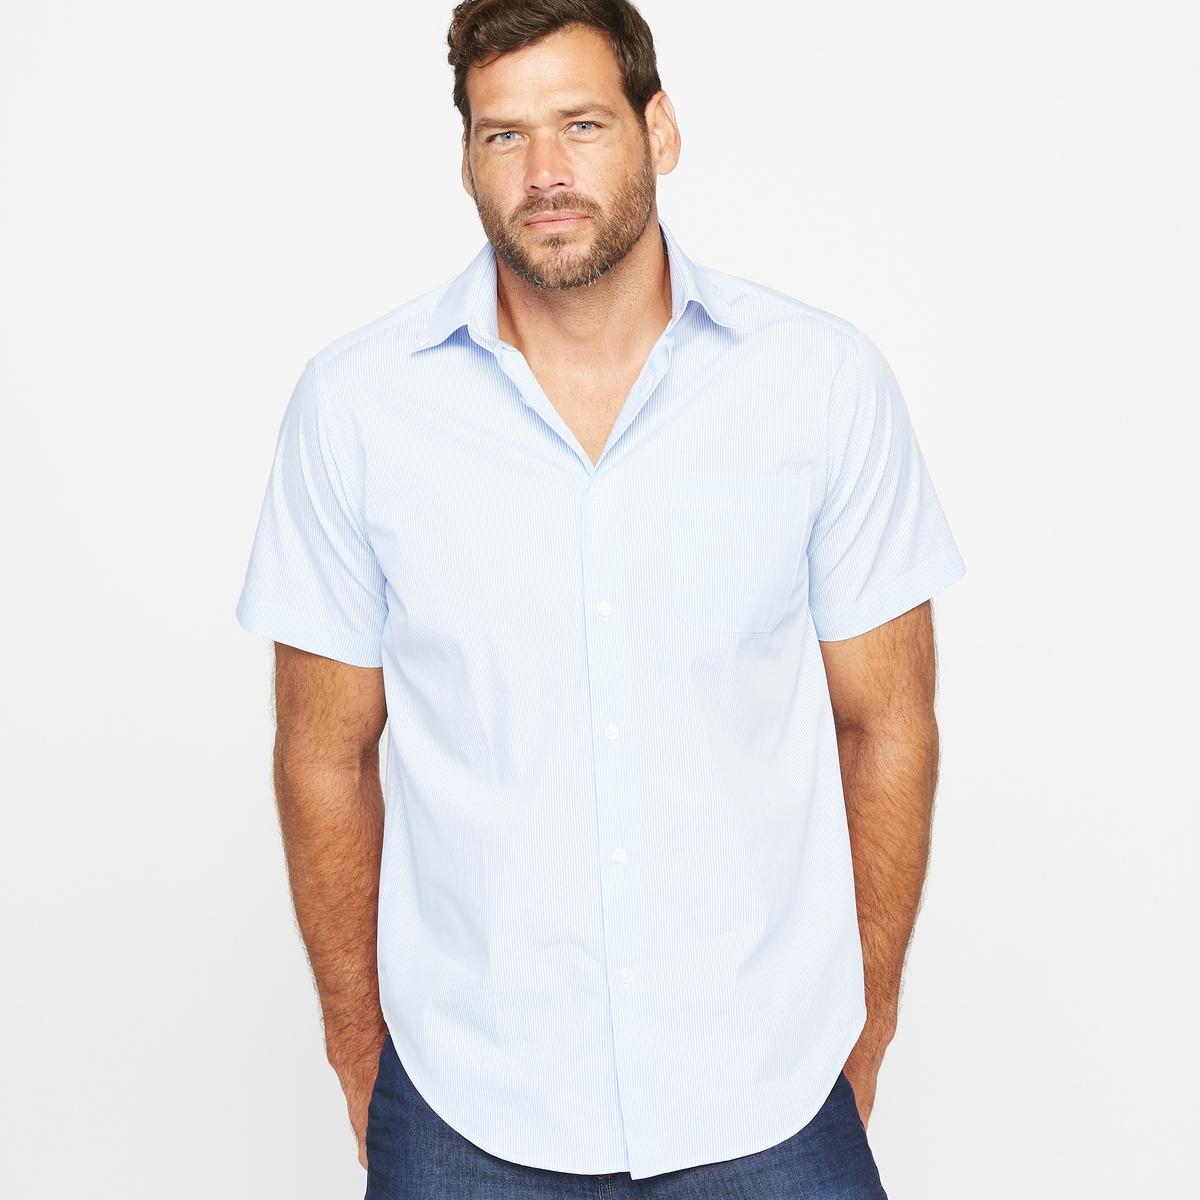 Рубашка, рост 1 и 2 (до 187 см)Материал : поплин из 100% хлопка.Рост 1 и 2  : Длина передней части от 80 до 87 см в зависимости от размера.Марка : CASTALUNA FOR MEN.Уход : Машинная стирка при 30 °C.<br><br>Цвет: в полоску белый/синий,наб. рисунок темно-синий,наб.рисунок/антрацит<br>Размер: 53/54.41/42.45/46.43/44.41/42